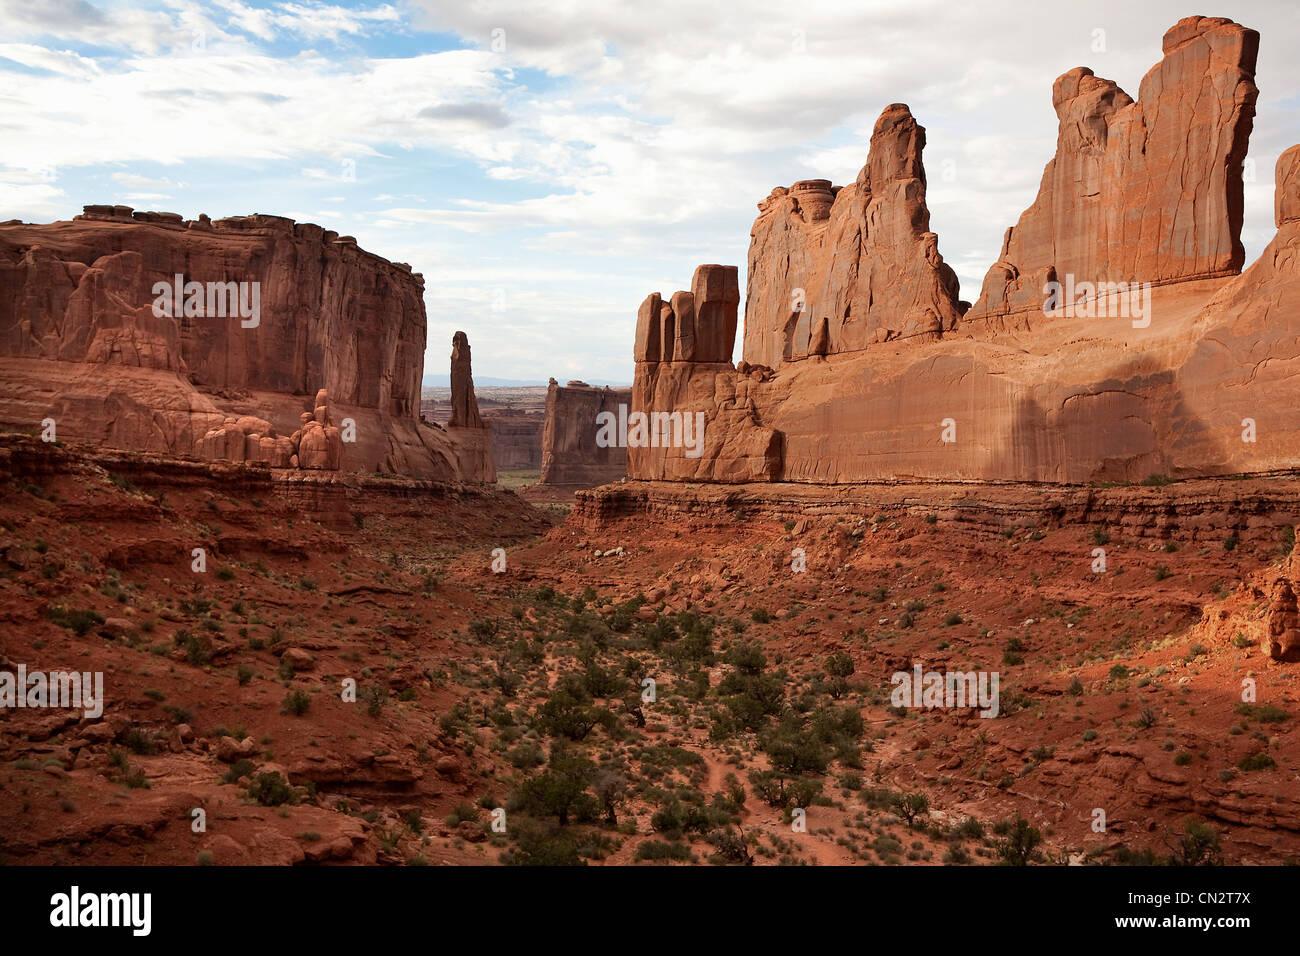 Red rocks of Moab, Utah, USA - Stock Image